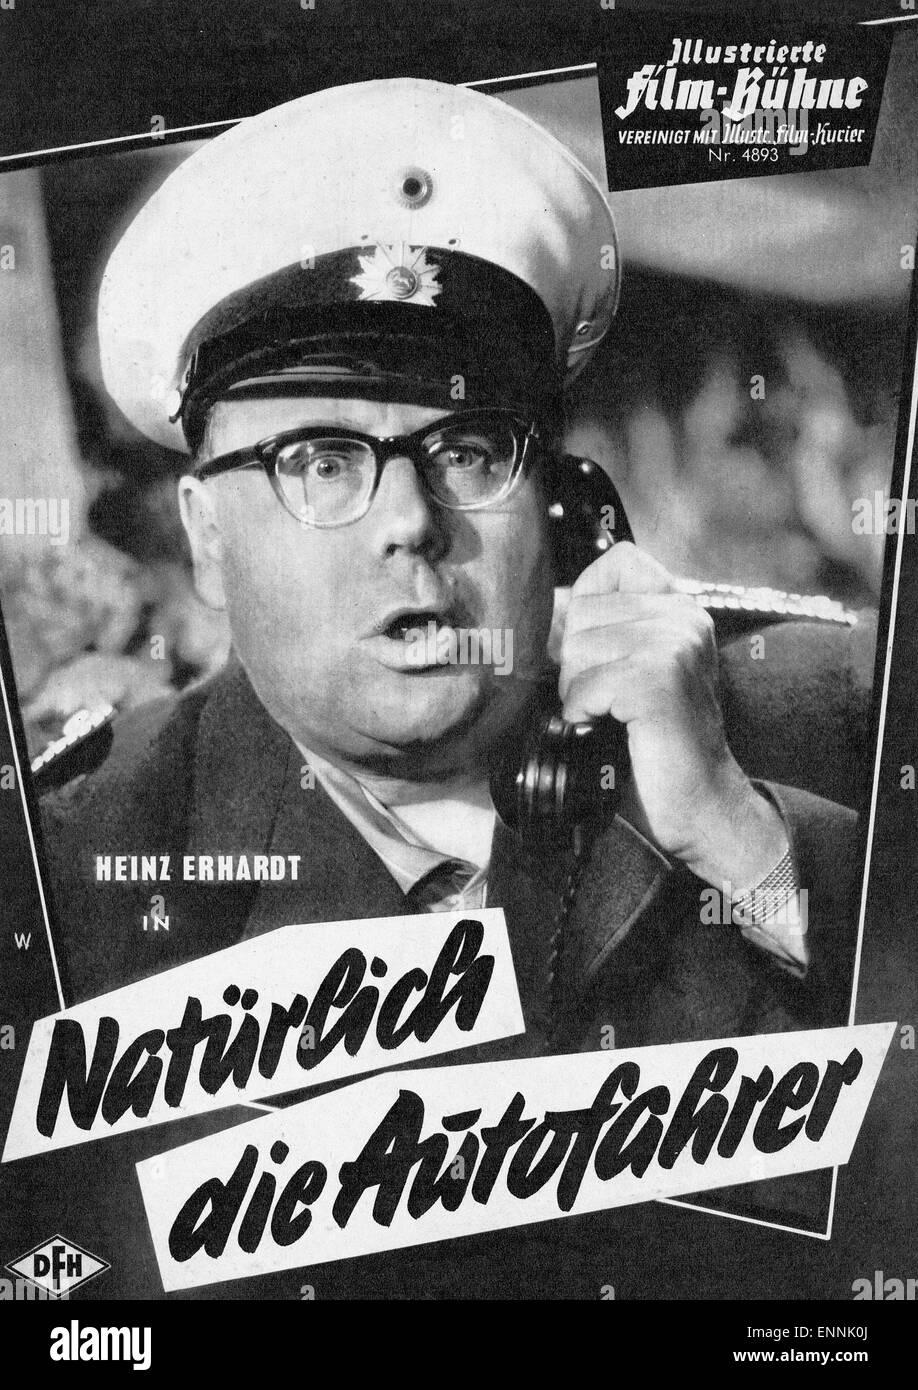 Heinz Erhardt Natürlich Die Autofahrer